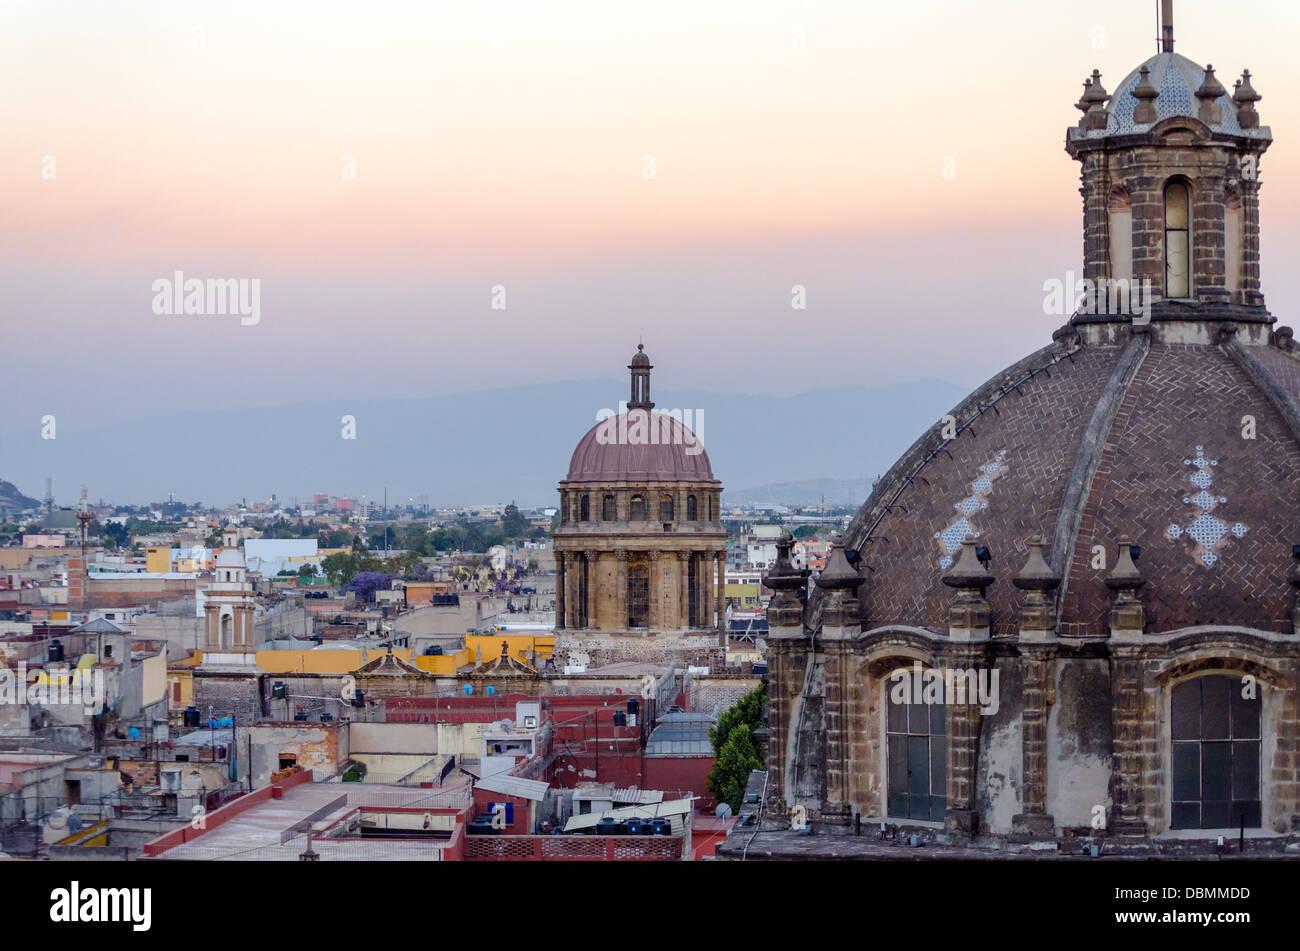 Le cupole della chiesa e la città a città del Messico Immagini Stock